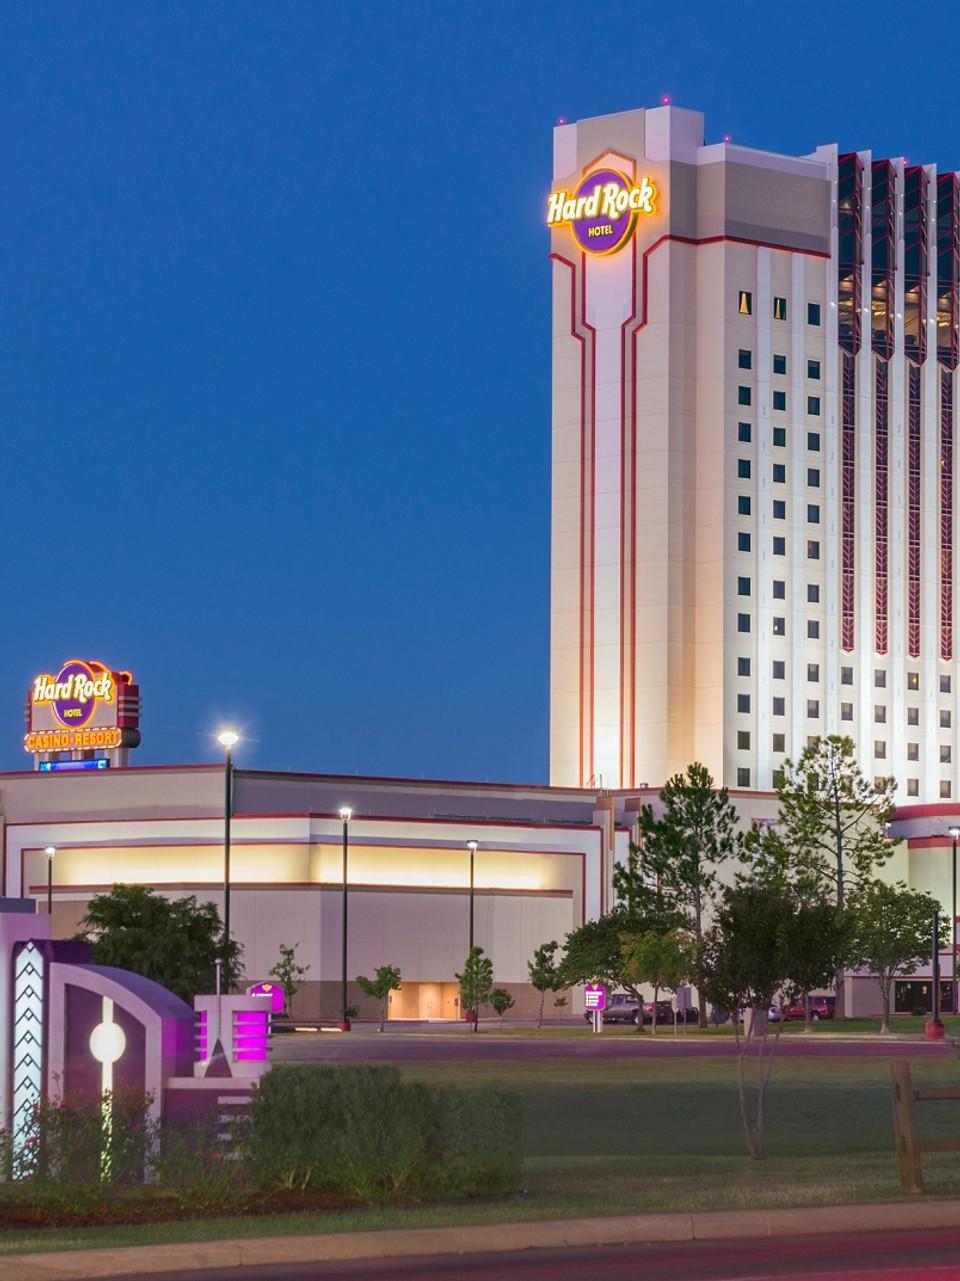 Hard rock hotel and casino oklahoma river cree casino corporate